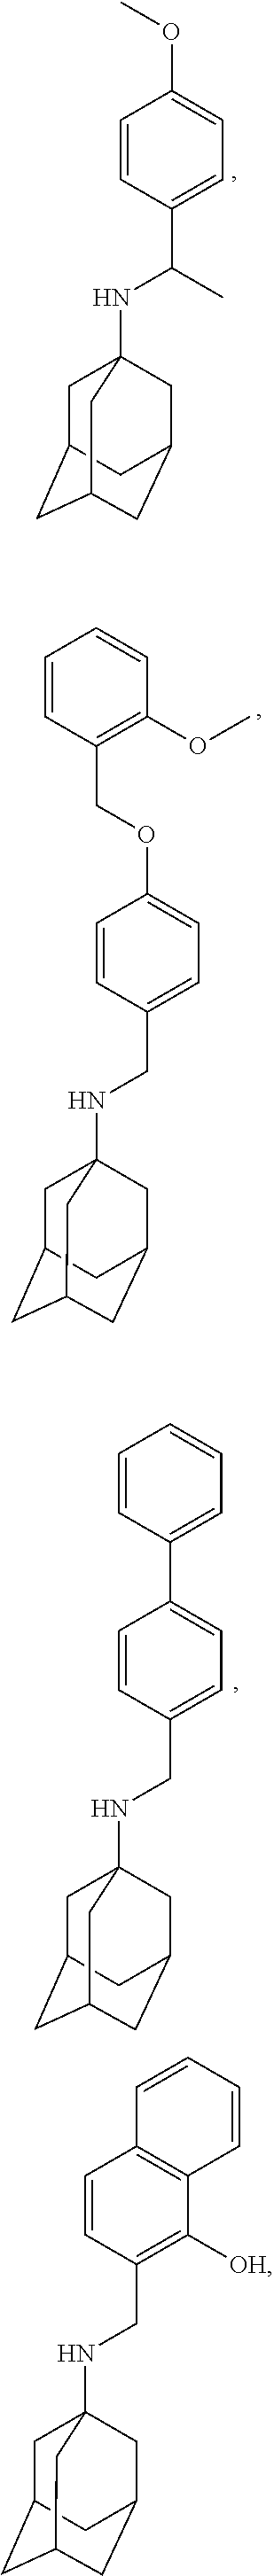 Figure US09884832-20180206-C00177